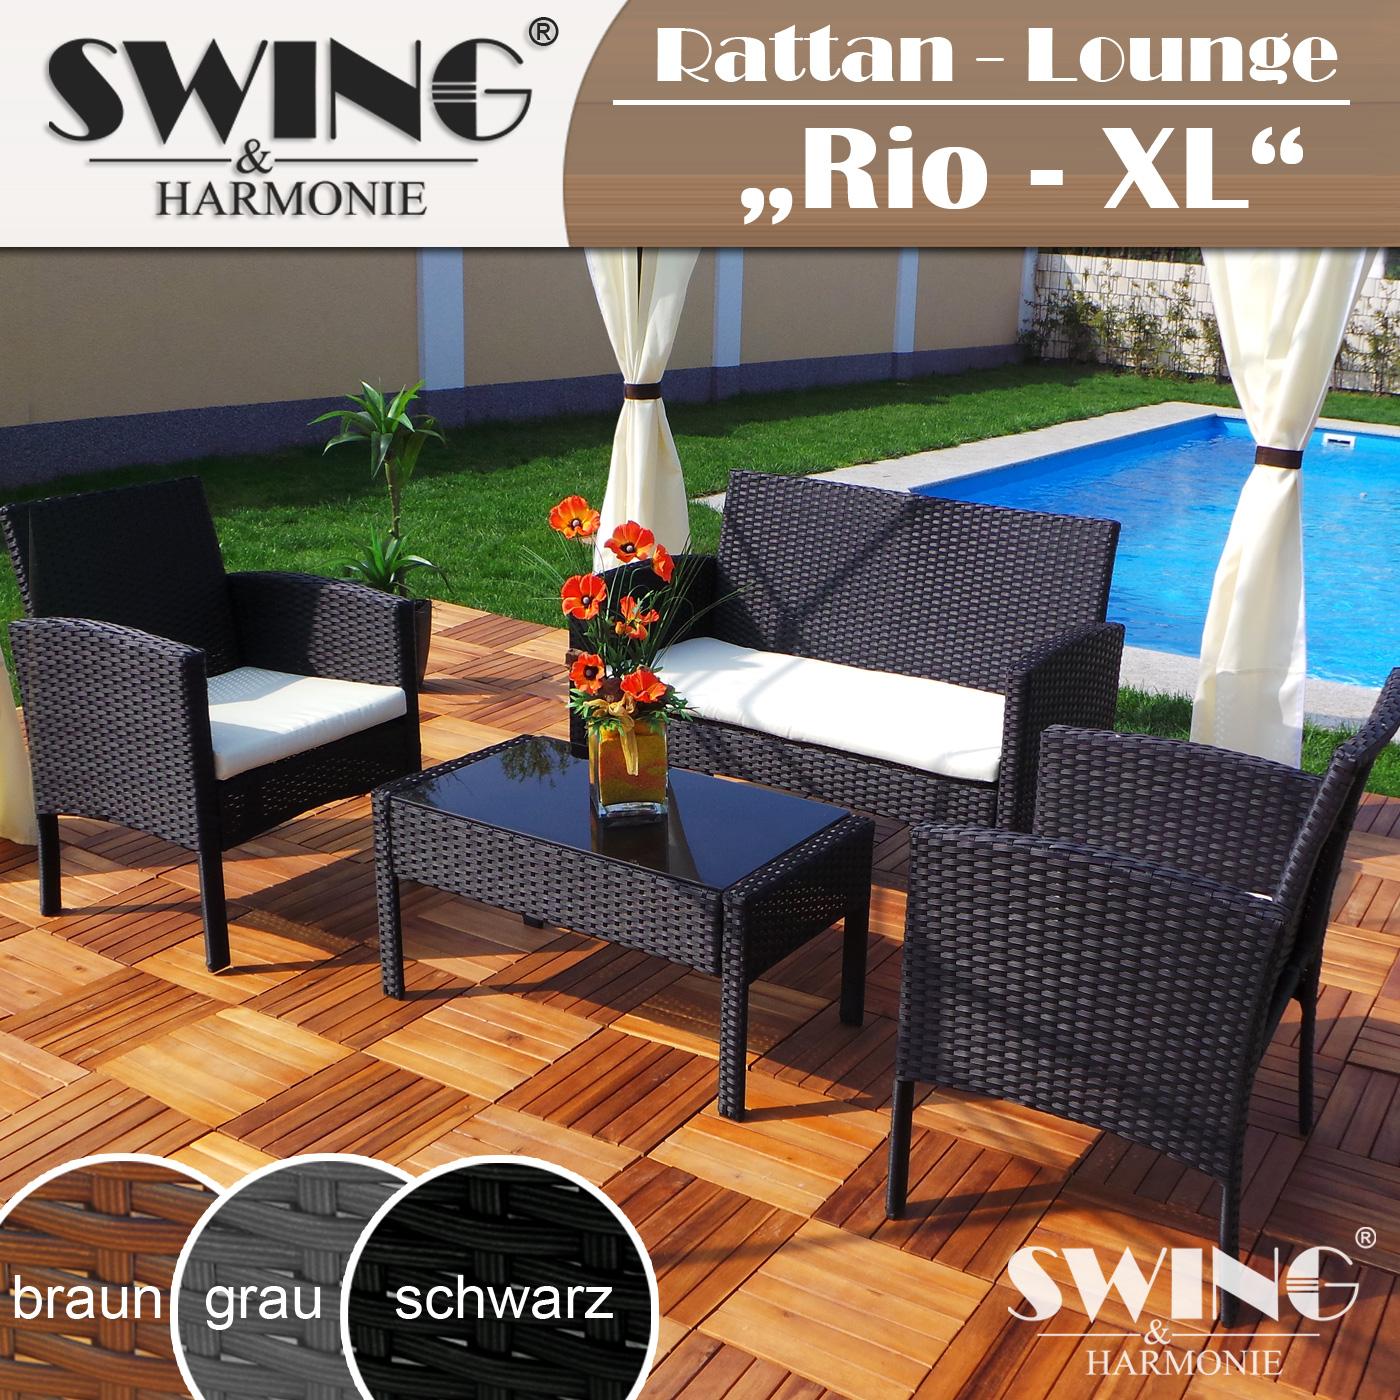 Rattan Lounge Schwarz Grau ~ PolyrattanSitzgarniturRattanLoungeSitzgruppeTischampStuhl [R